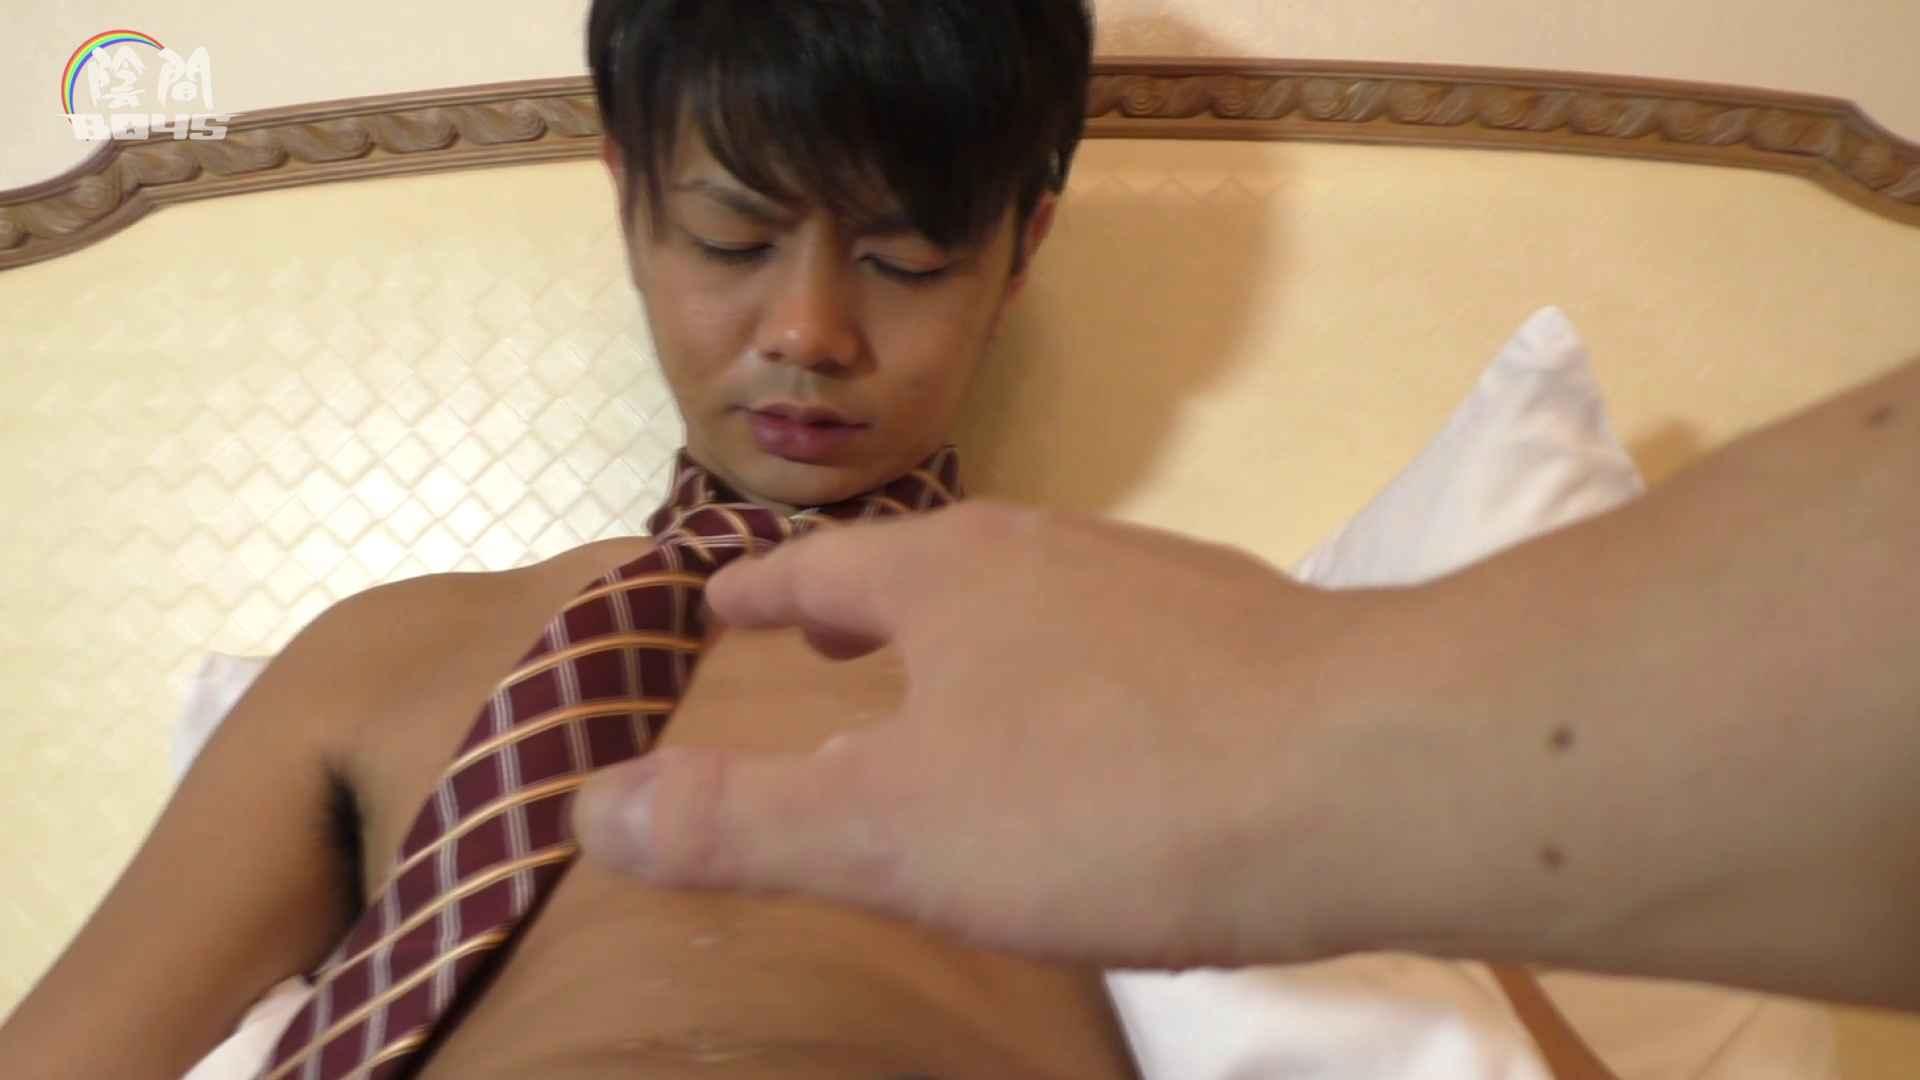 陰間BOYS~キャバクラの仕事はアナルから4 Vol.02 発射  111pic 26